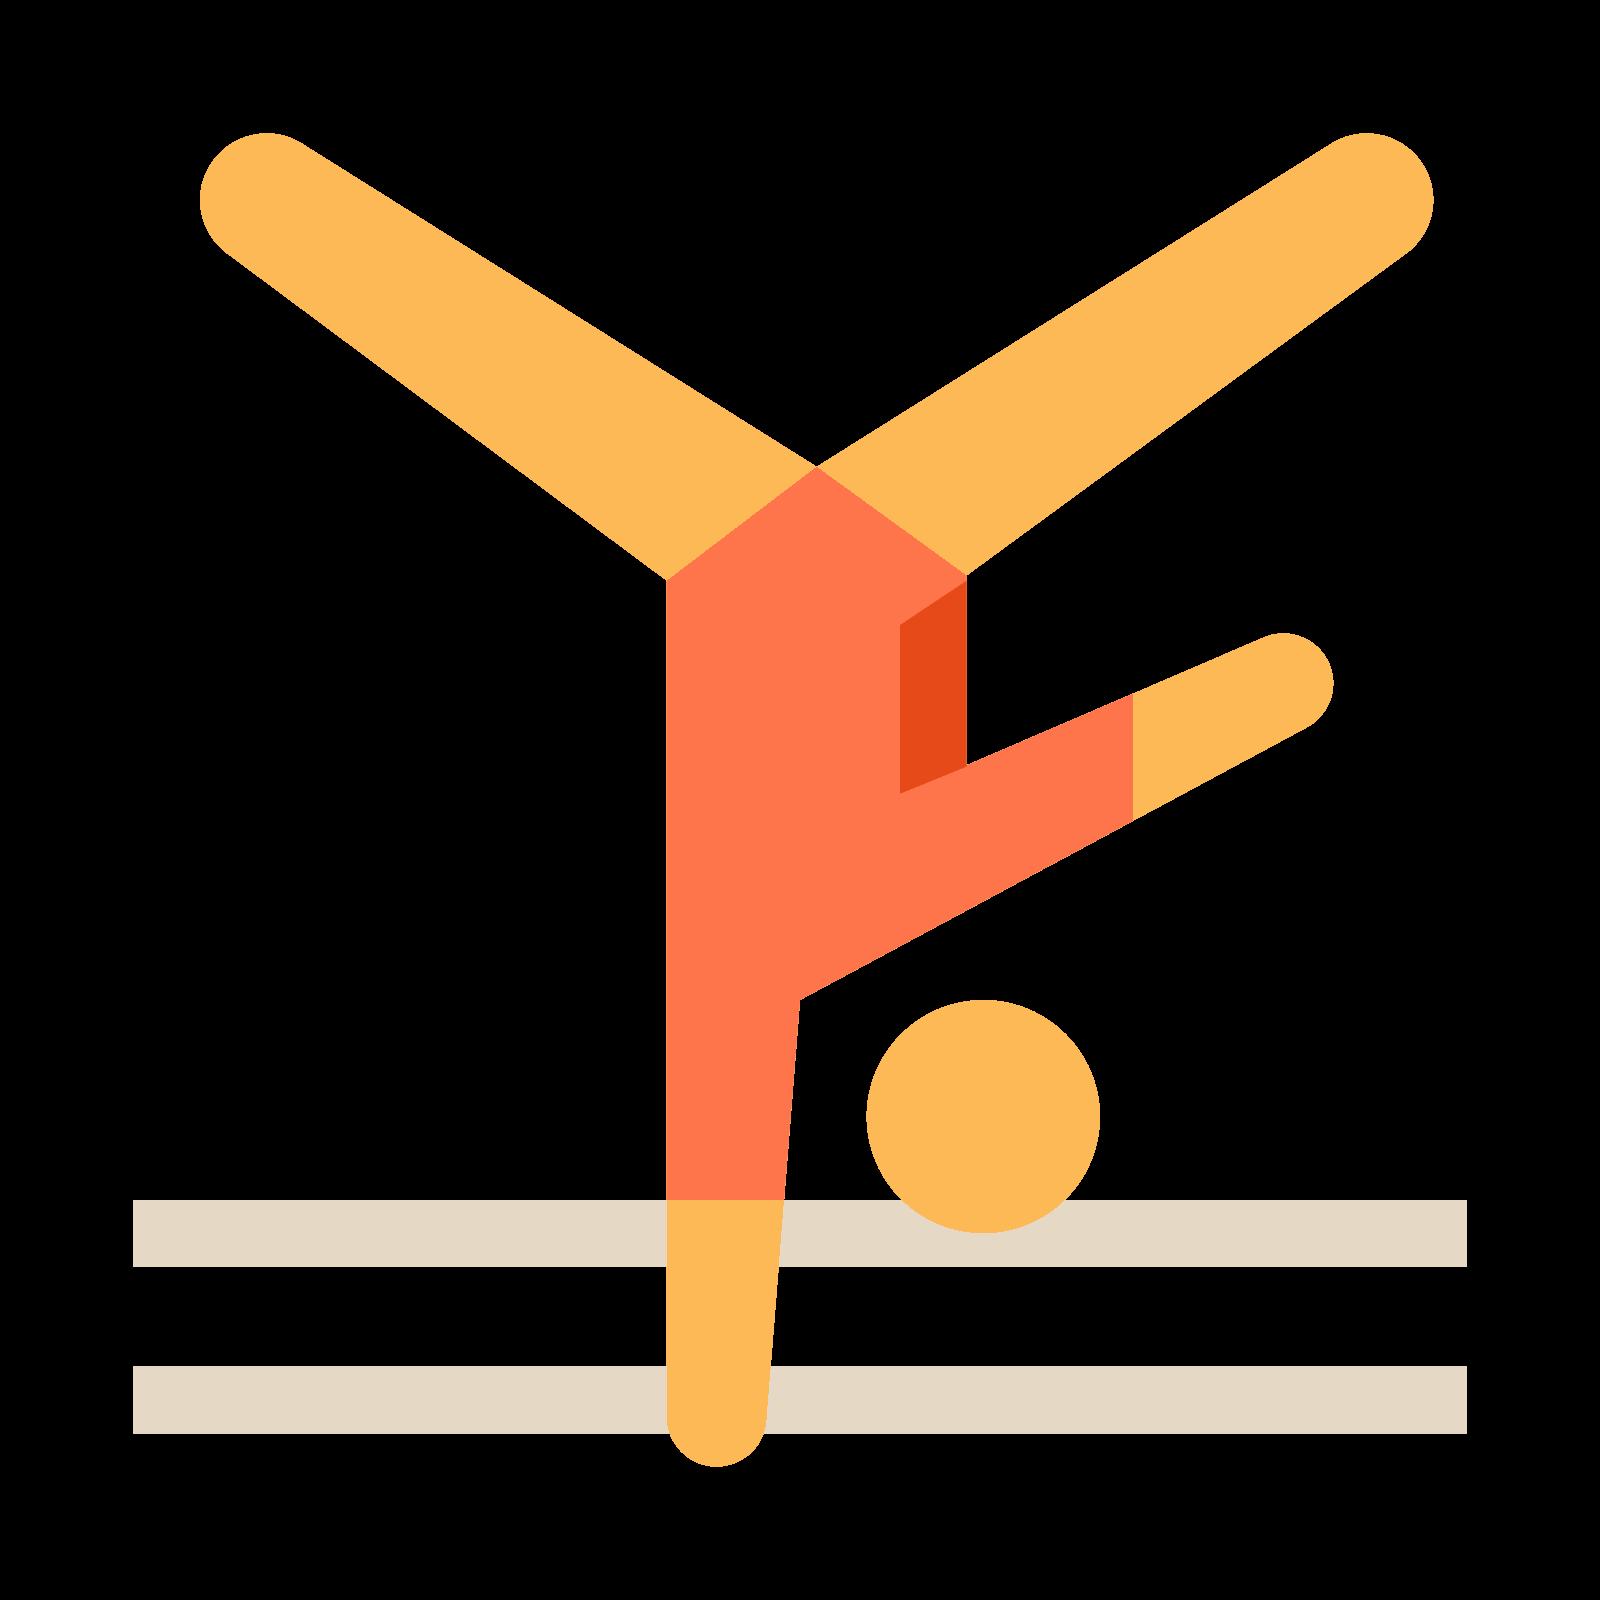 Gimnastyka sportowa icon. PNG 50 px - Gimnastyka Sportowa PNG